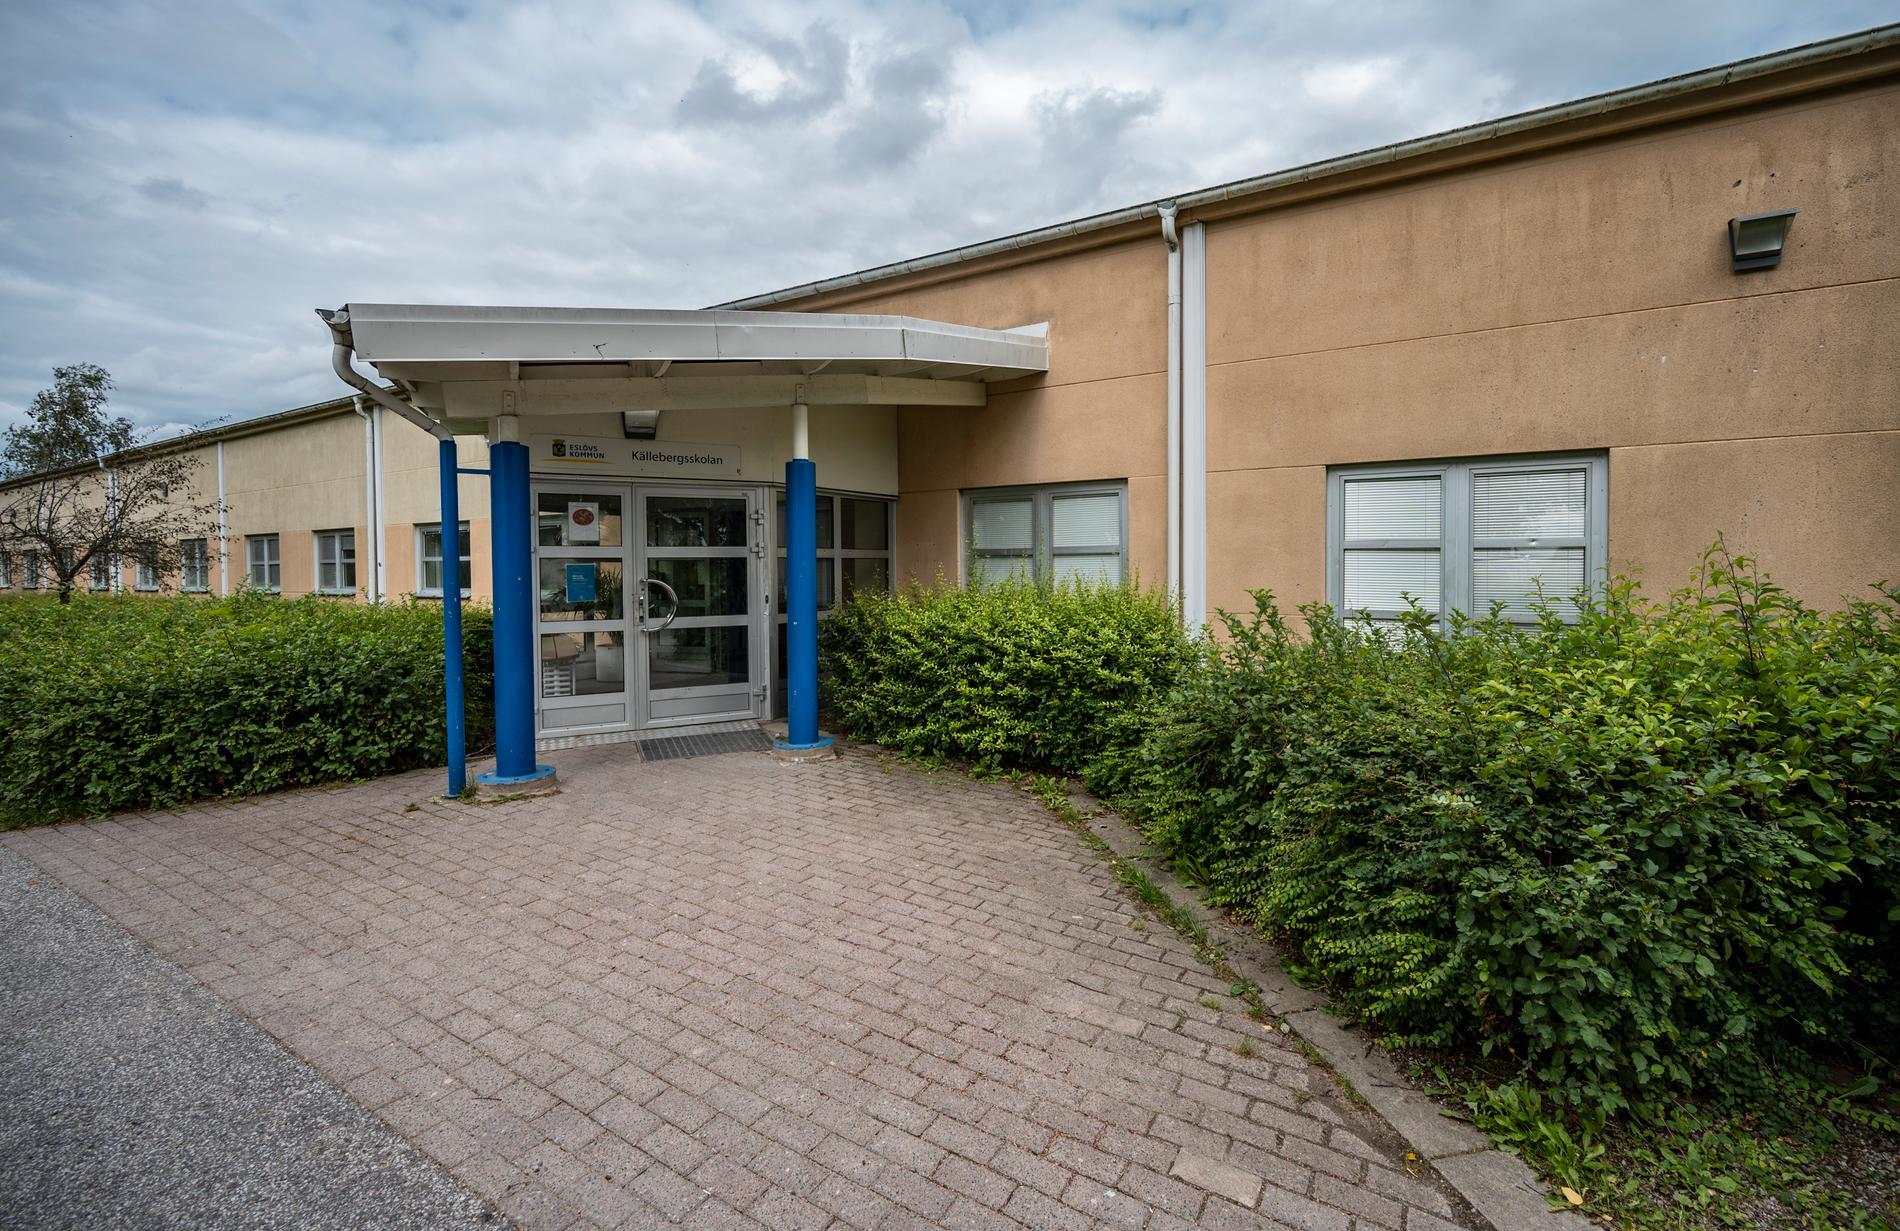 En 15-årig elev på Källebergsskolan kunde gripas omedelbart efter mordförsöket på en av skolans anställda. Arkivbild.